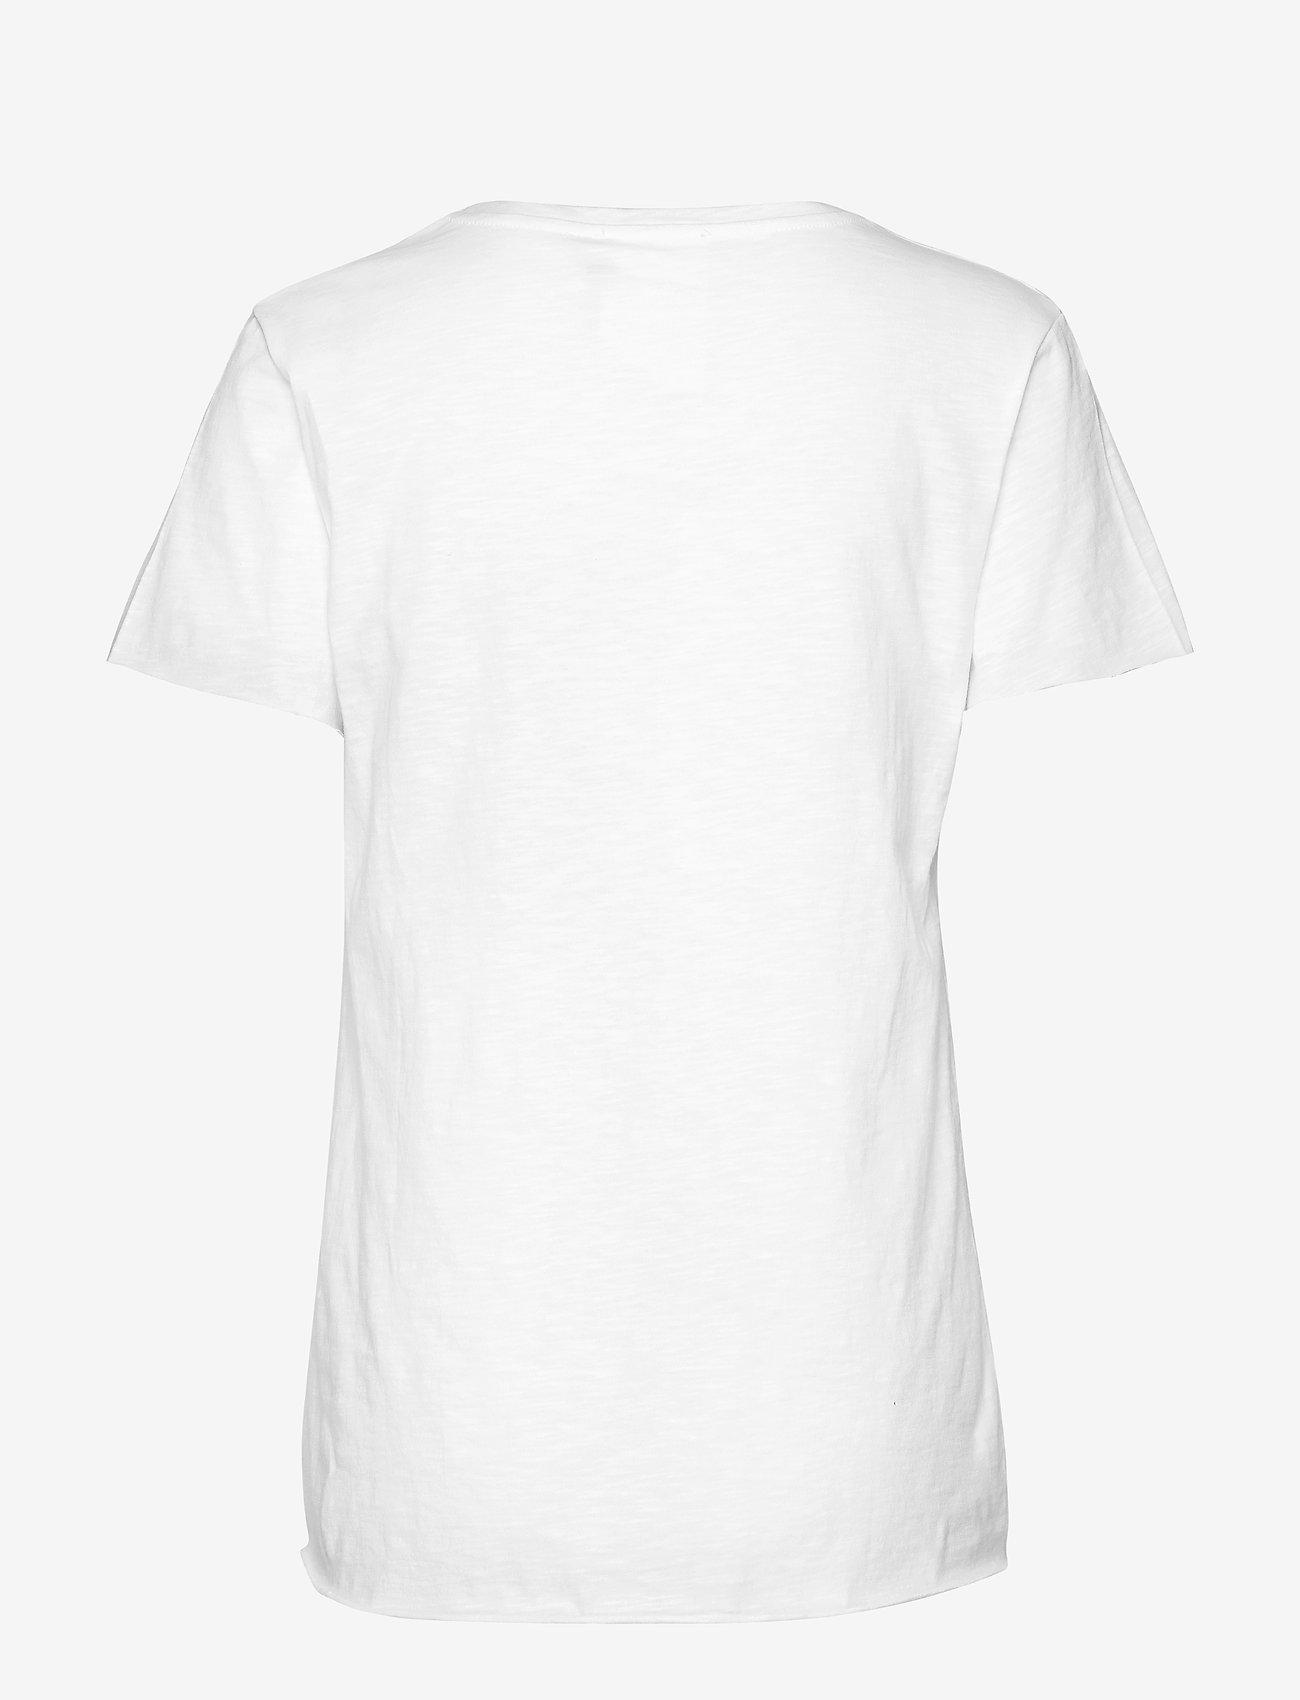 08 The Vtee (Optical White) (29.95 €) - Denim Hunter G00r2